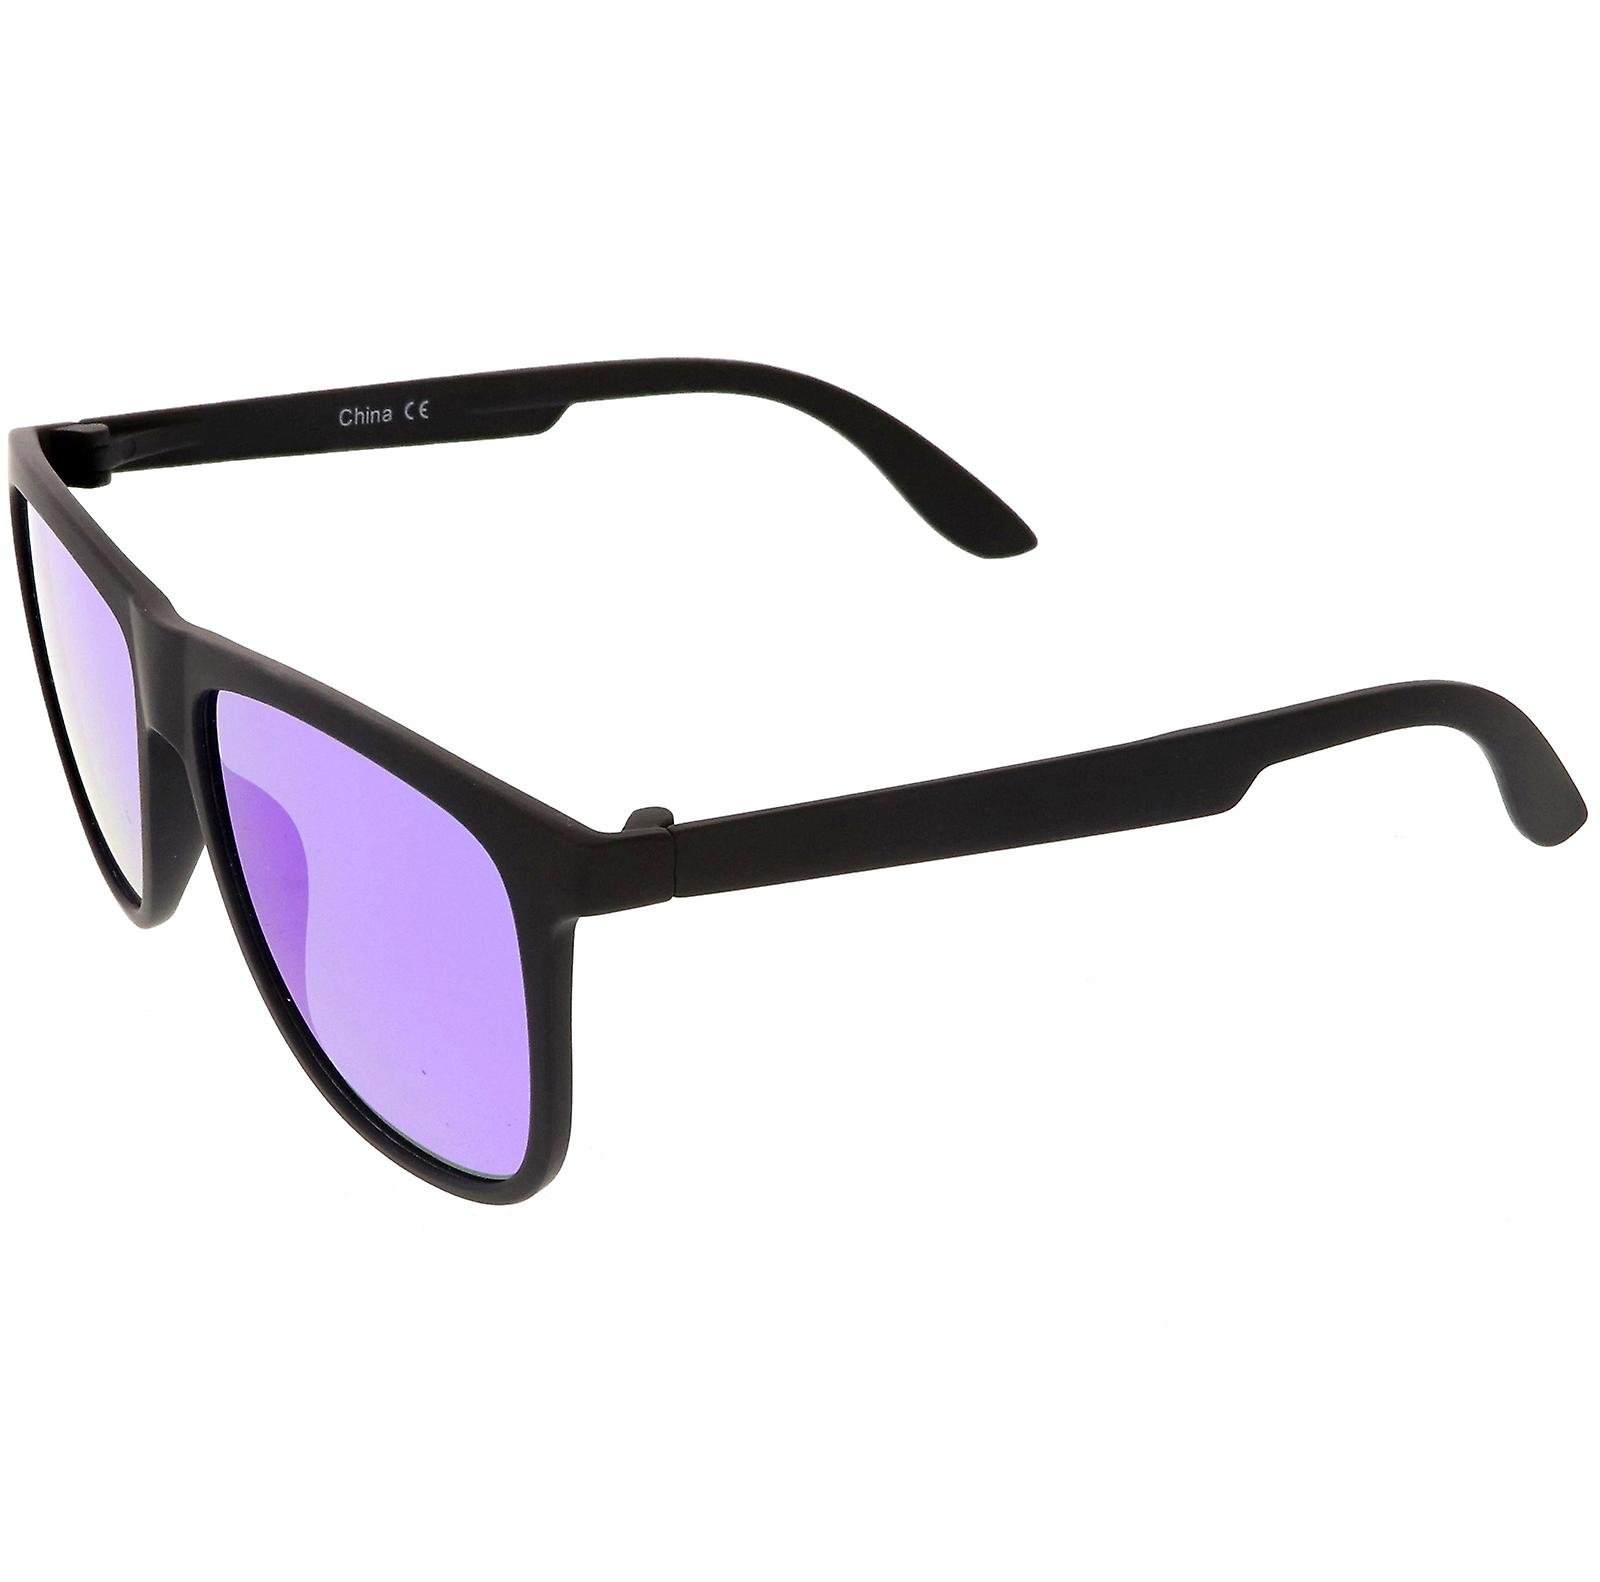 Klassiska Horn kantad solglasögon med fyrkantig färg spegel platt lins 56mm